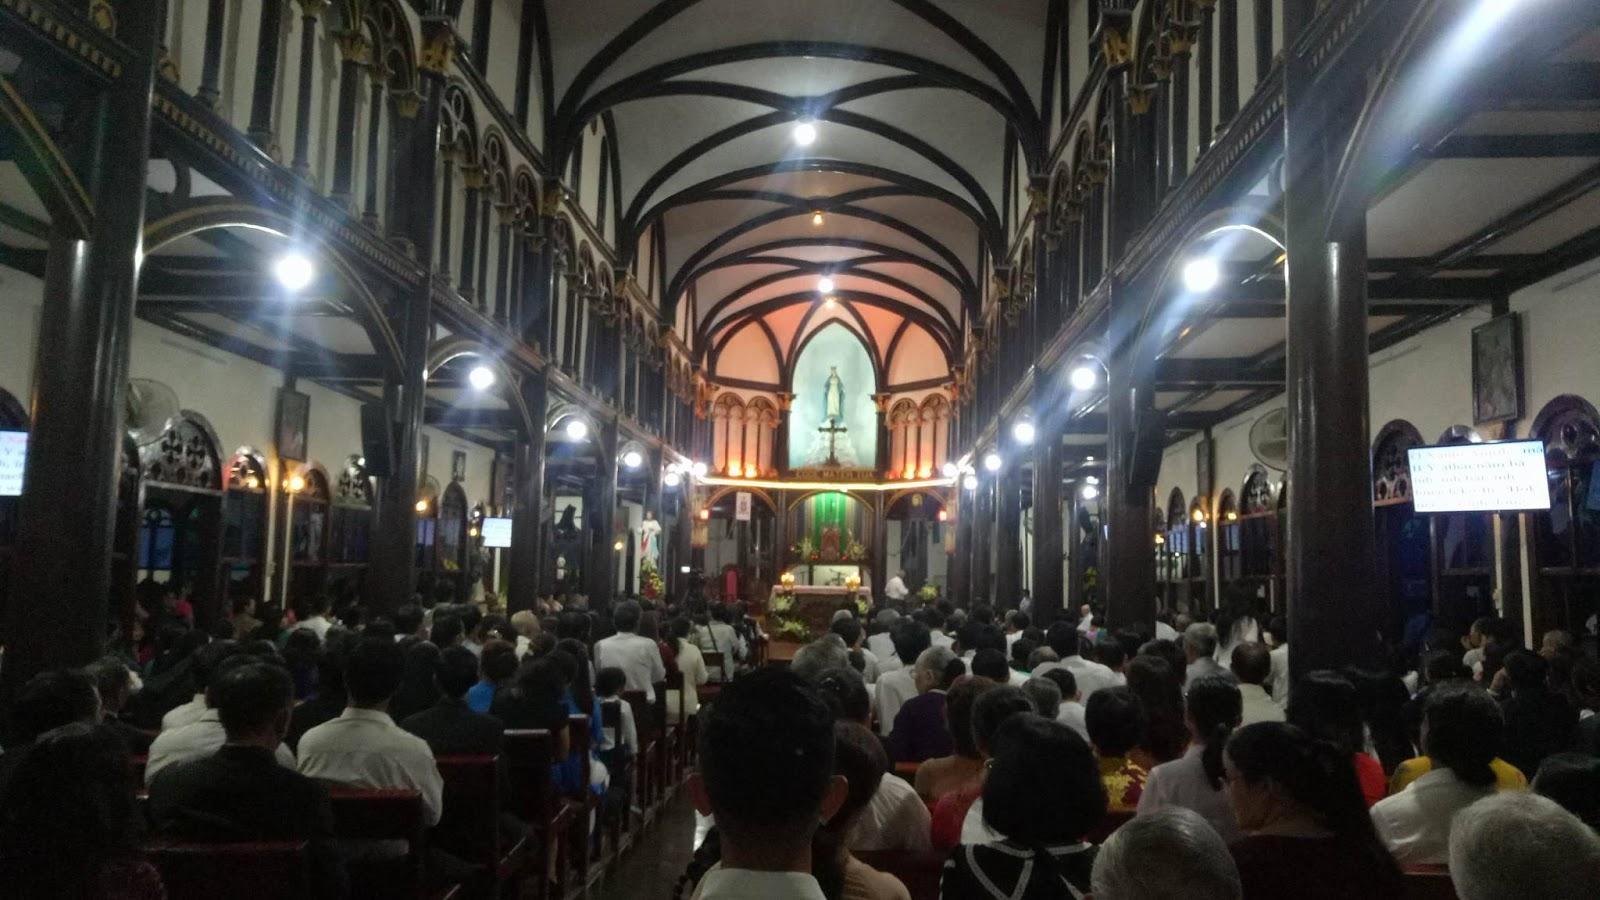 Thánh Lễ Truyền Chức Linh Mục Giáo Phận Kontum 2017 - Ảnh minh hoạ 20